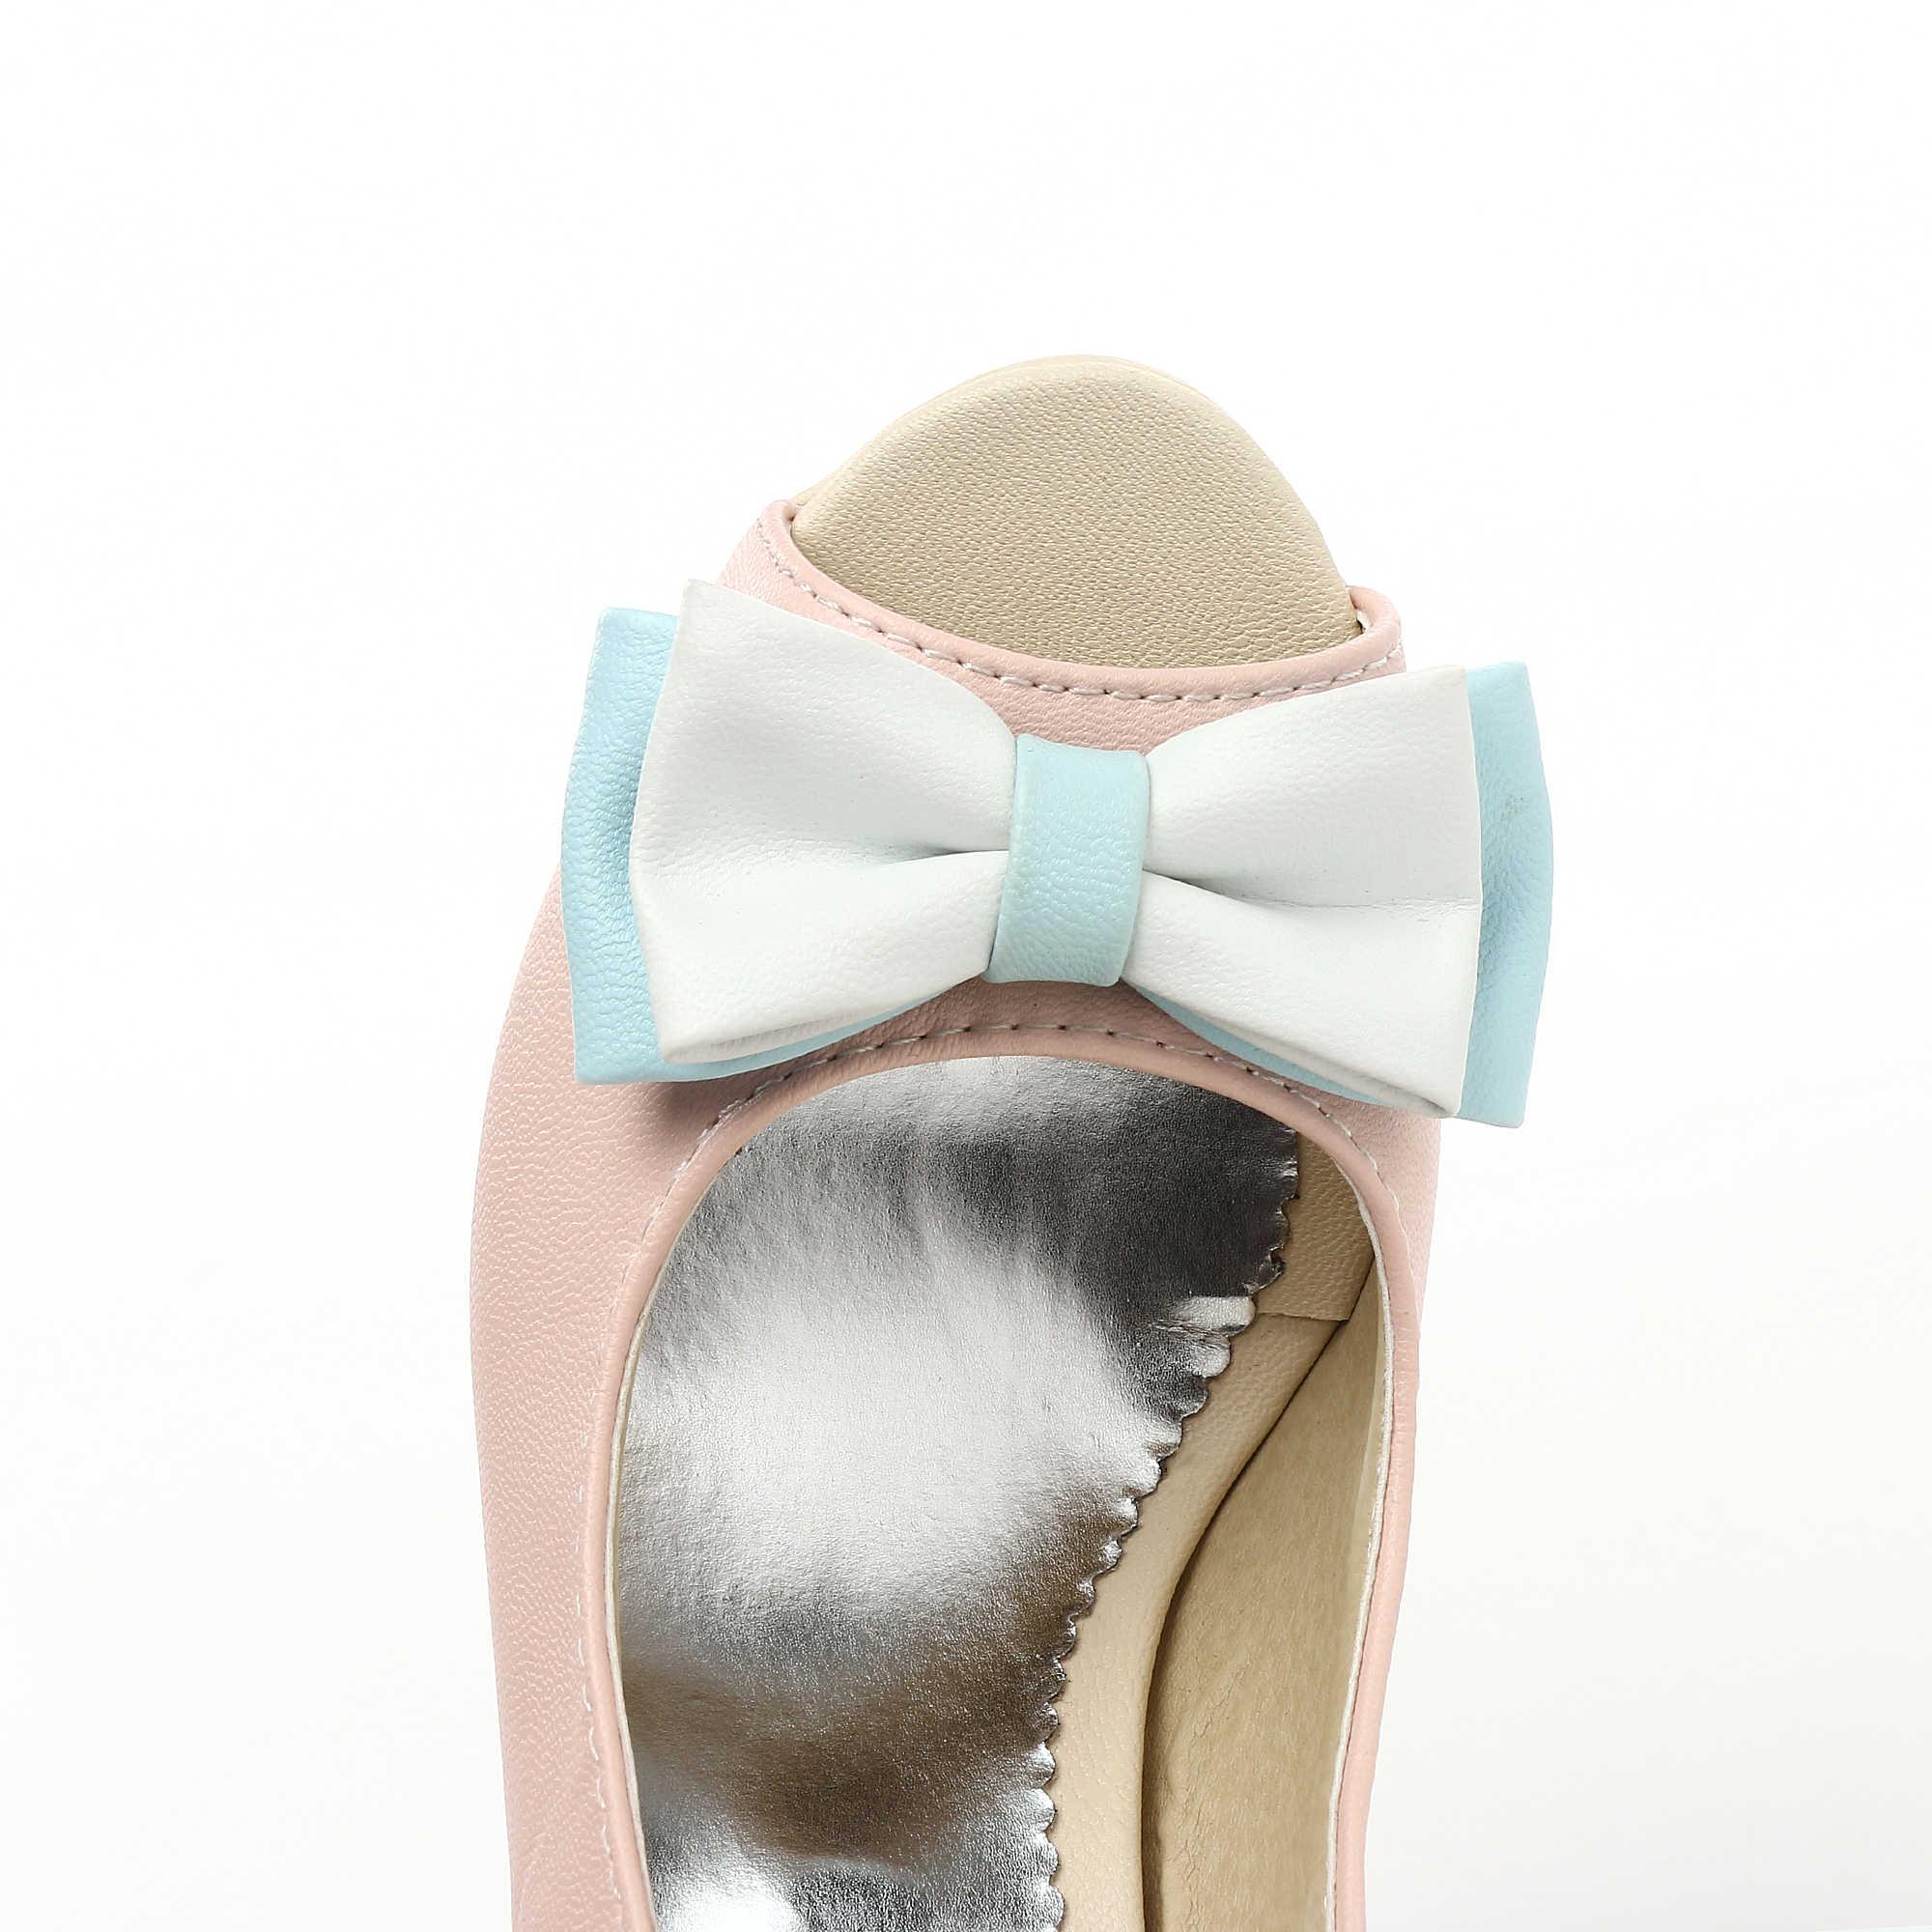 Size 33-45 Giày Sandal Nữ Dây Đeo Mắt Cá Chân Cao Gót Giày Người Phụ Nữ Giày Xăng Đan Nơ Gợi Cảm Giày Sandal Nữ Peep Toe đảng 2019